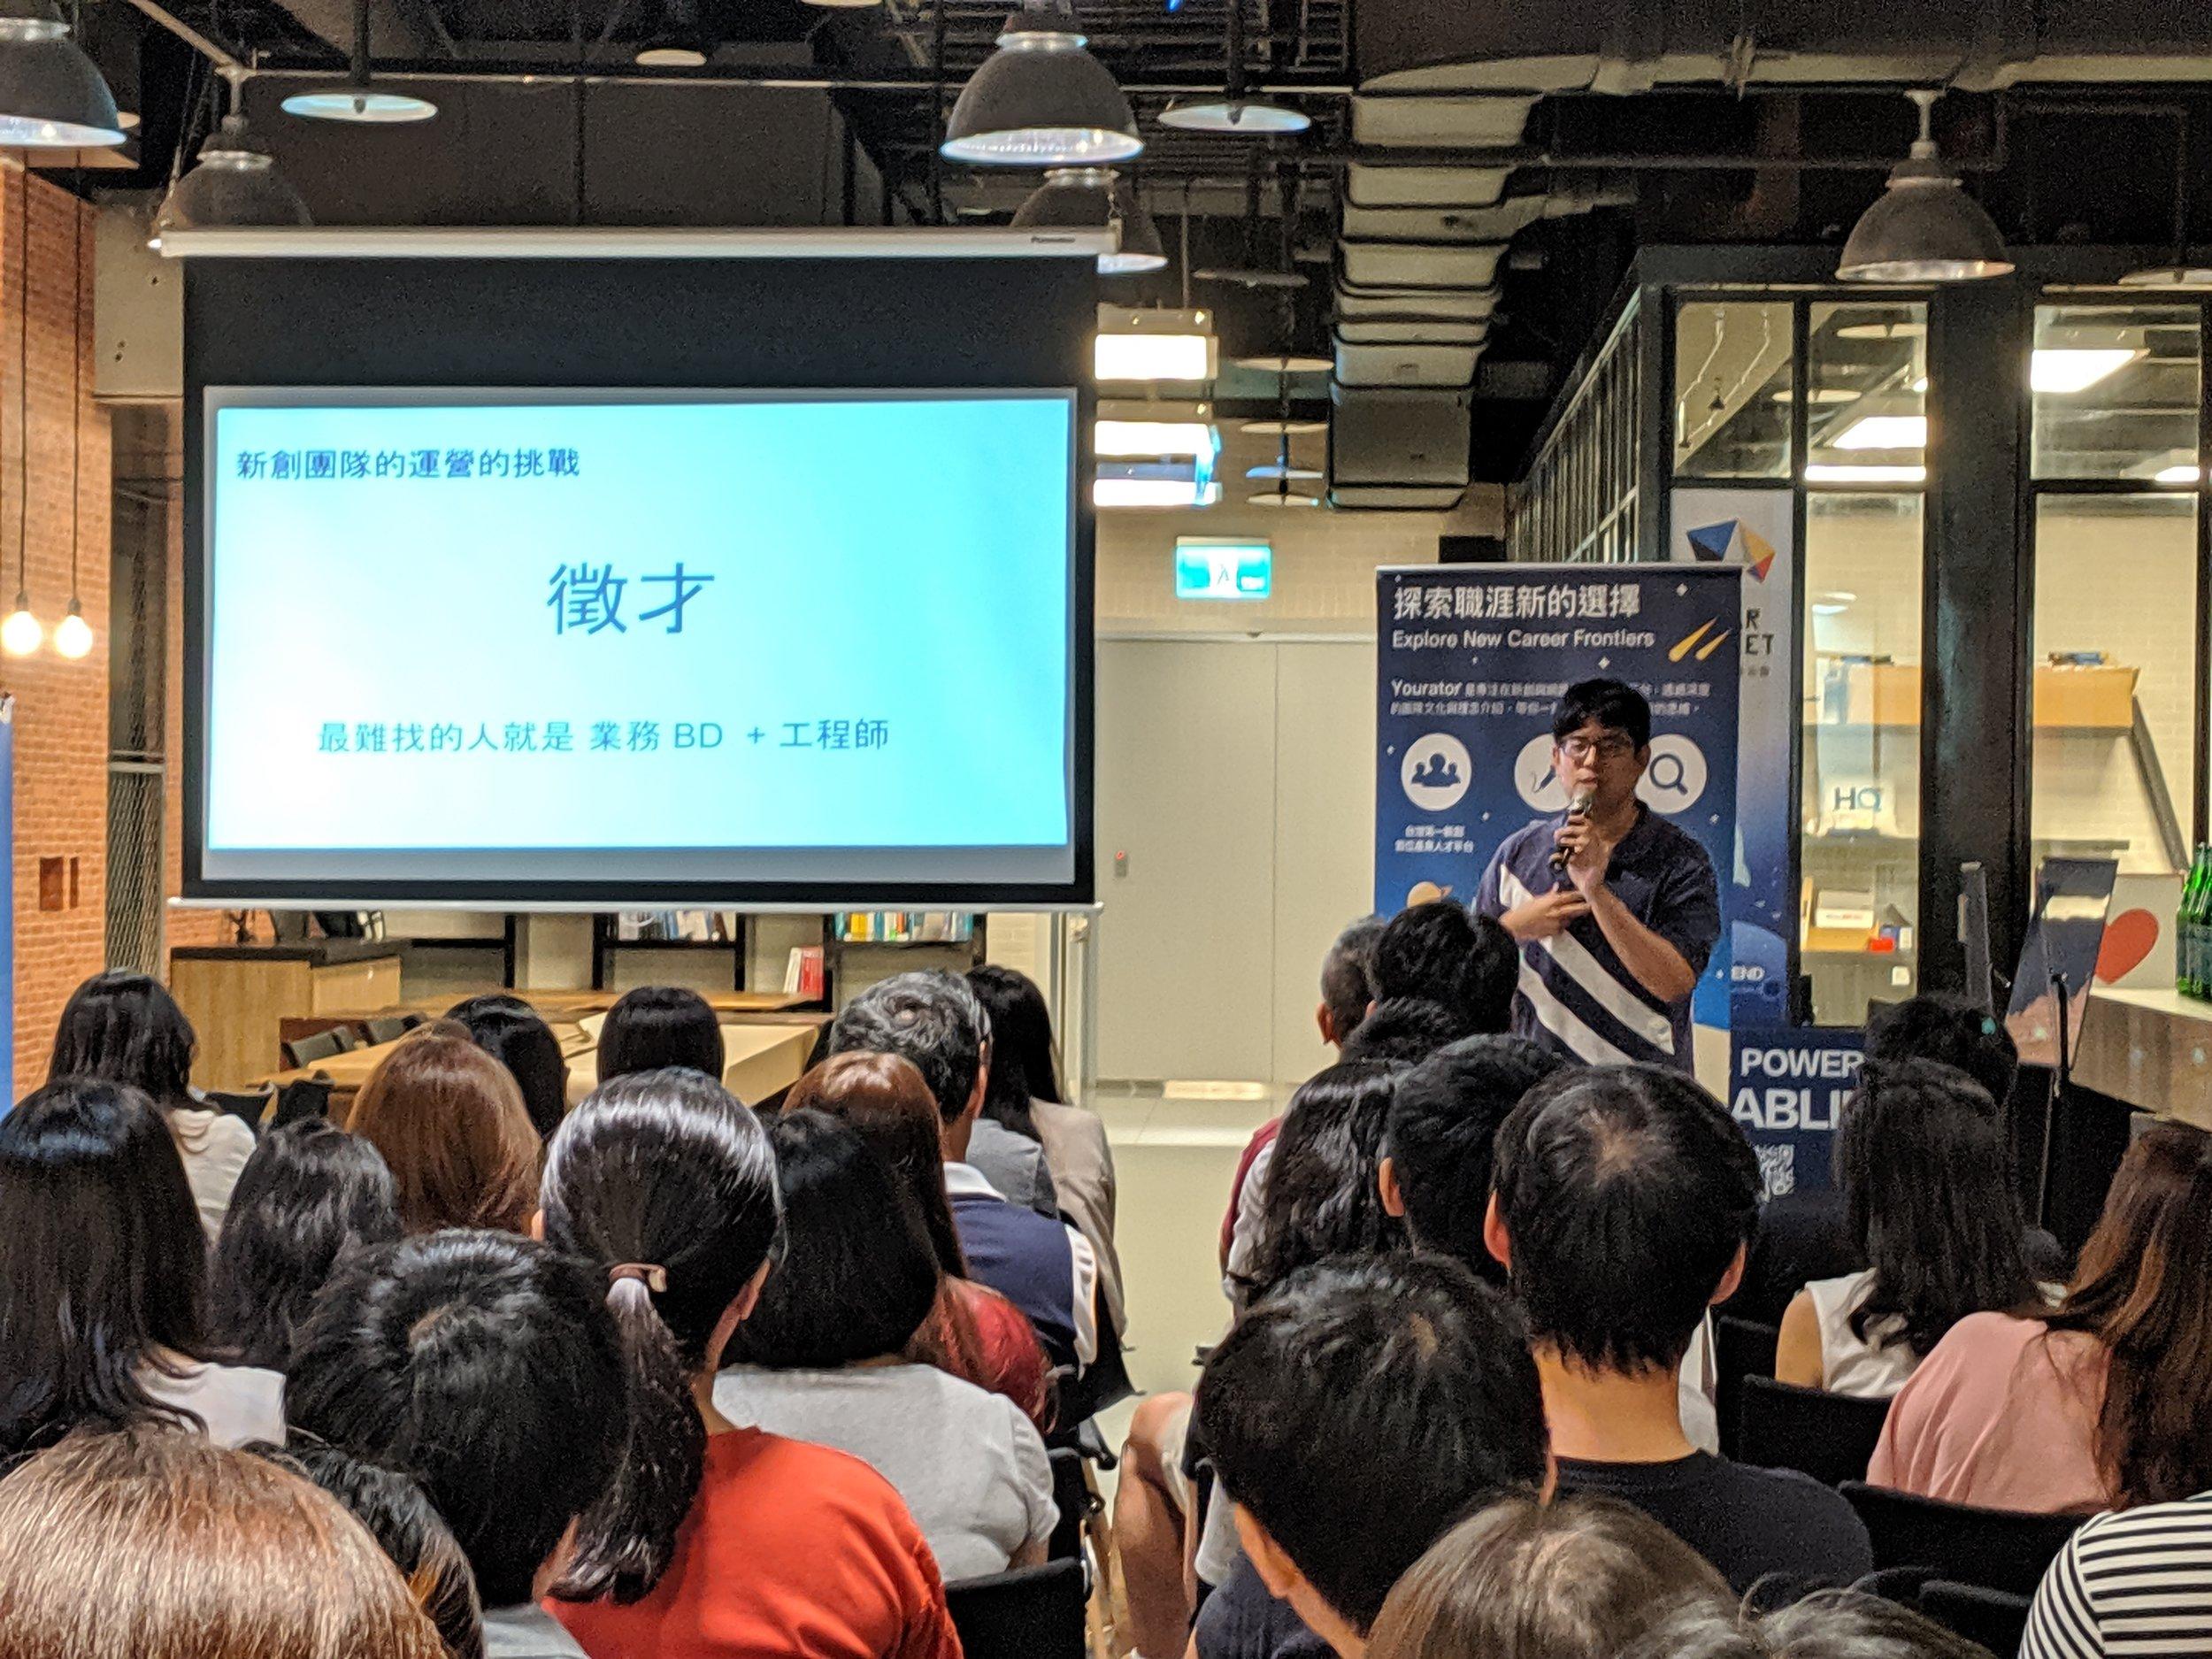 (圖二)漸強實驗室執行長暨共同創辦人 Jin 分享他如何在徵才中做好「流量經營」,吸引合適的人才。